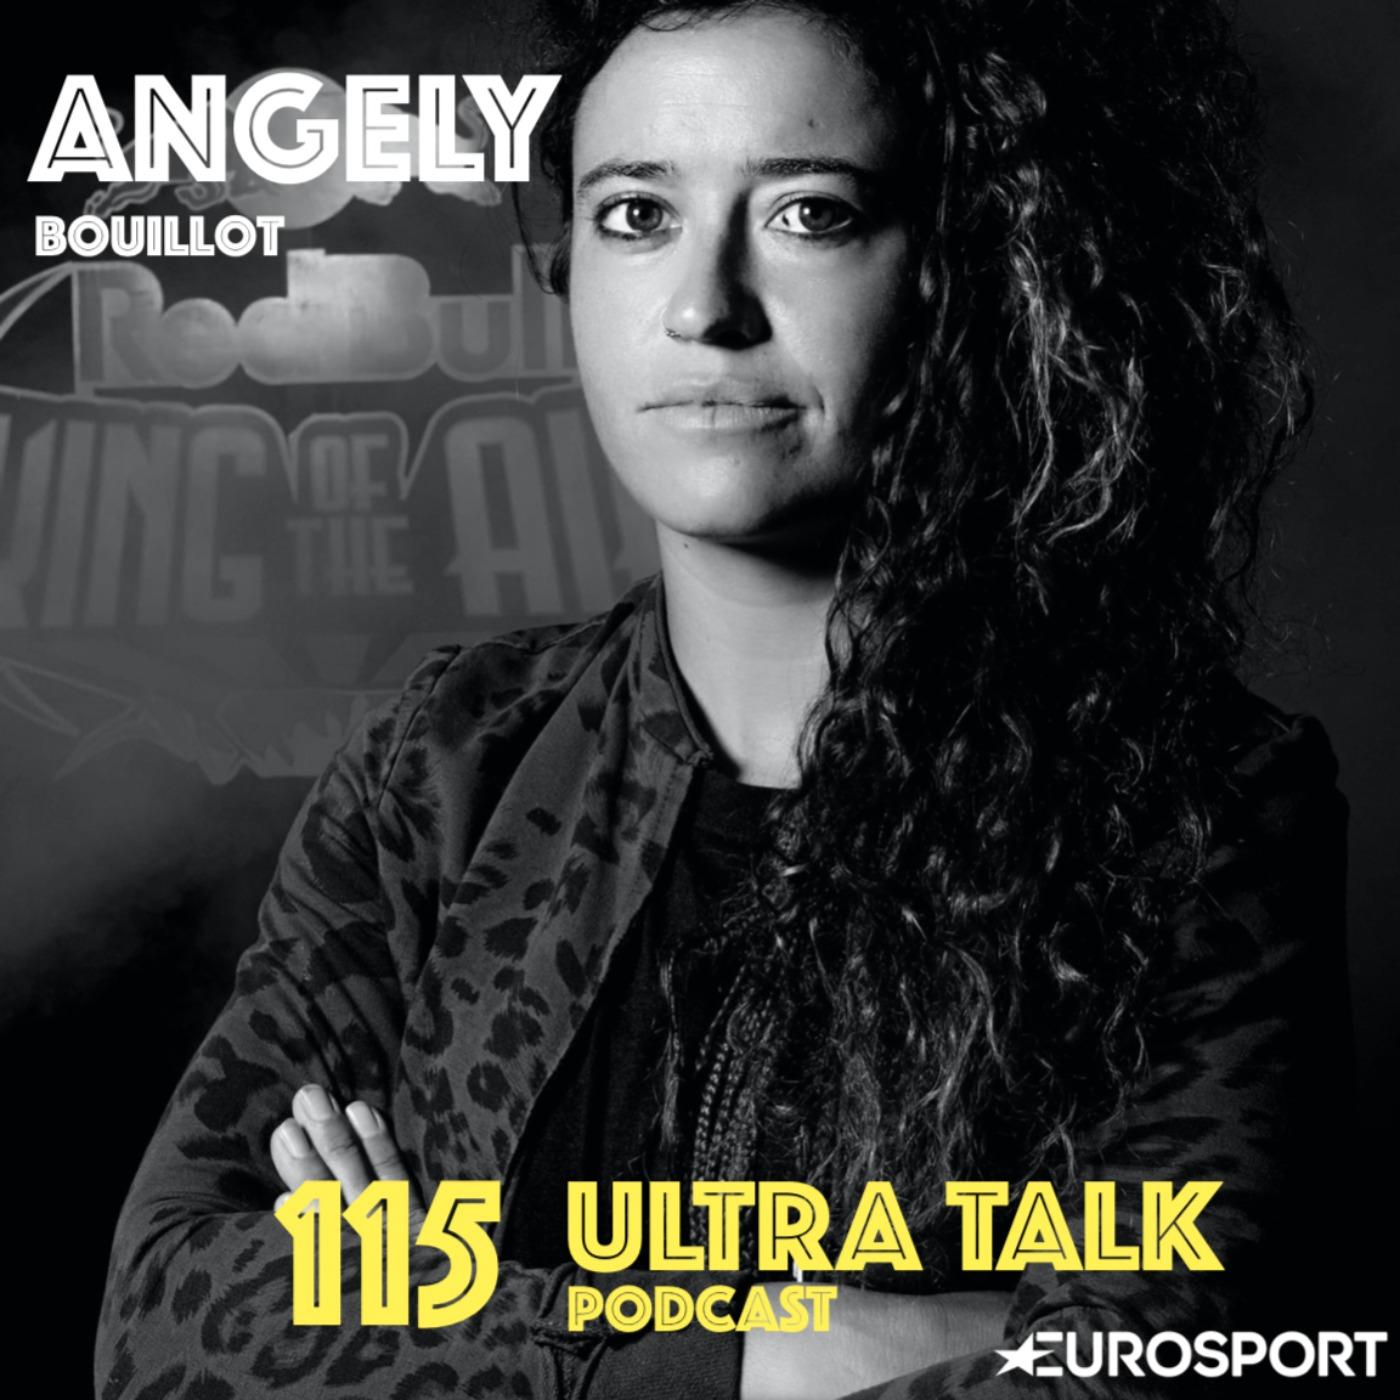 Angely Bouillot - La seule femme parmi les hommes !